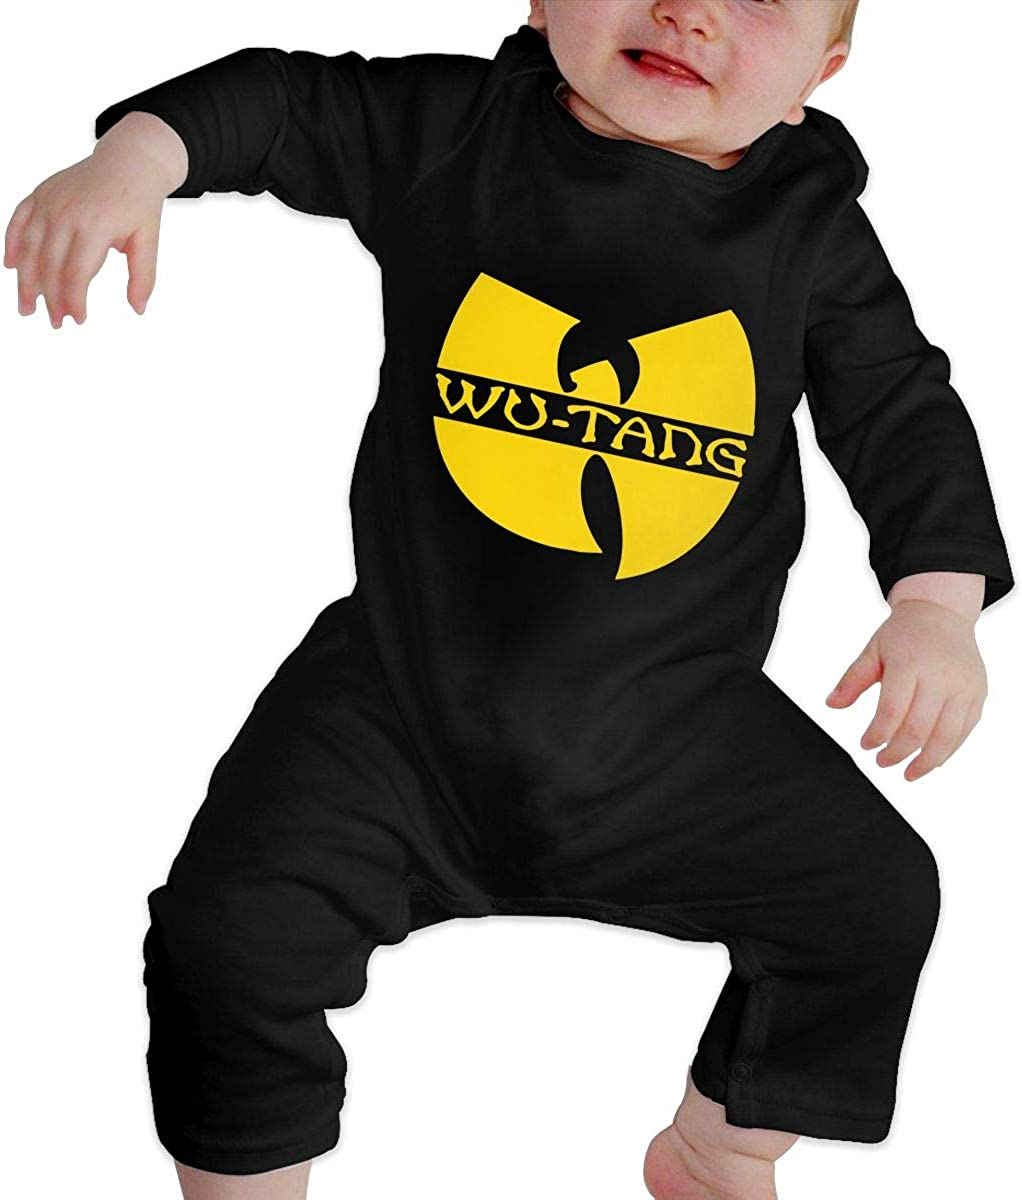 CustomART Baby Romper Jumpsuit Long Sleeve Wu Tang Clan Poker